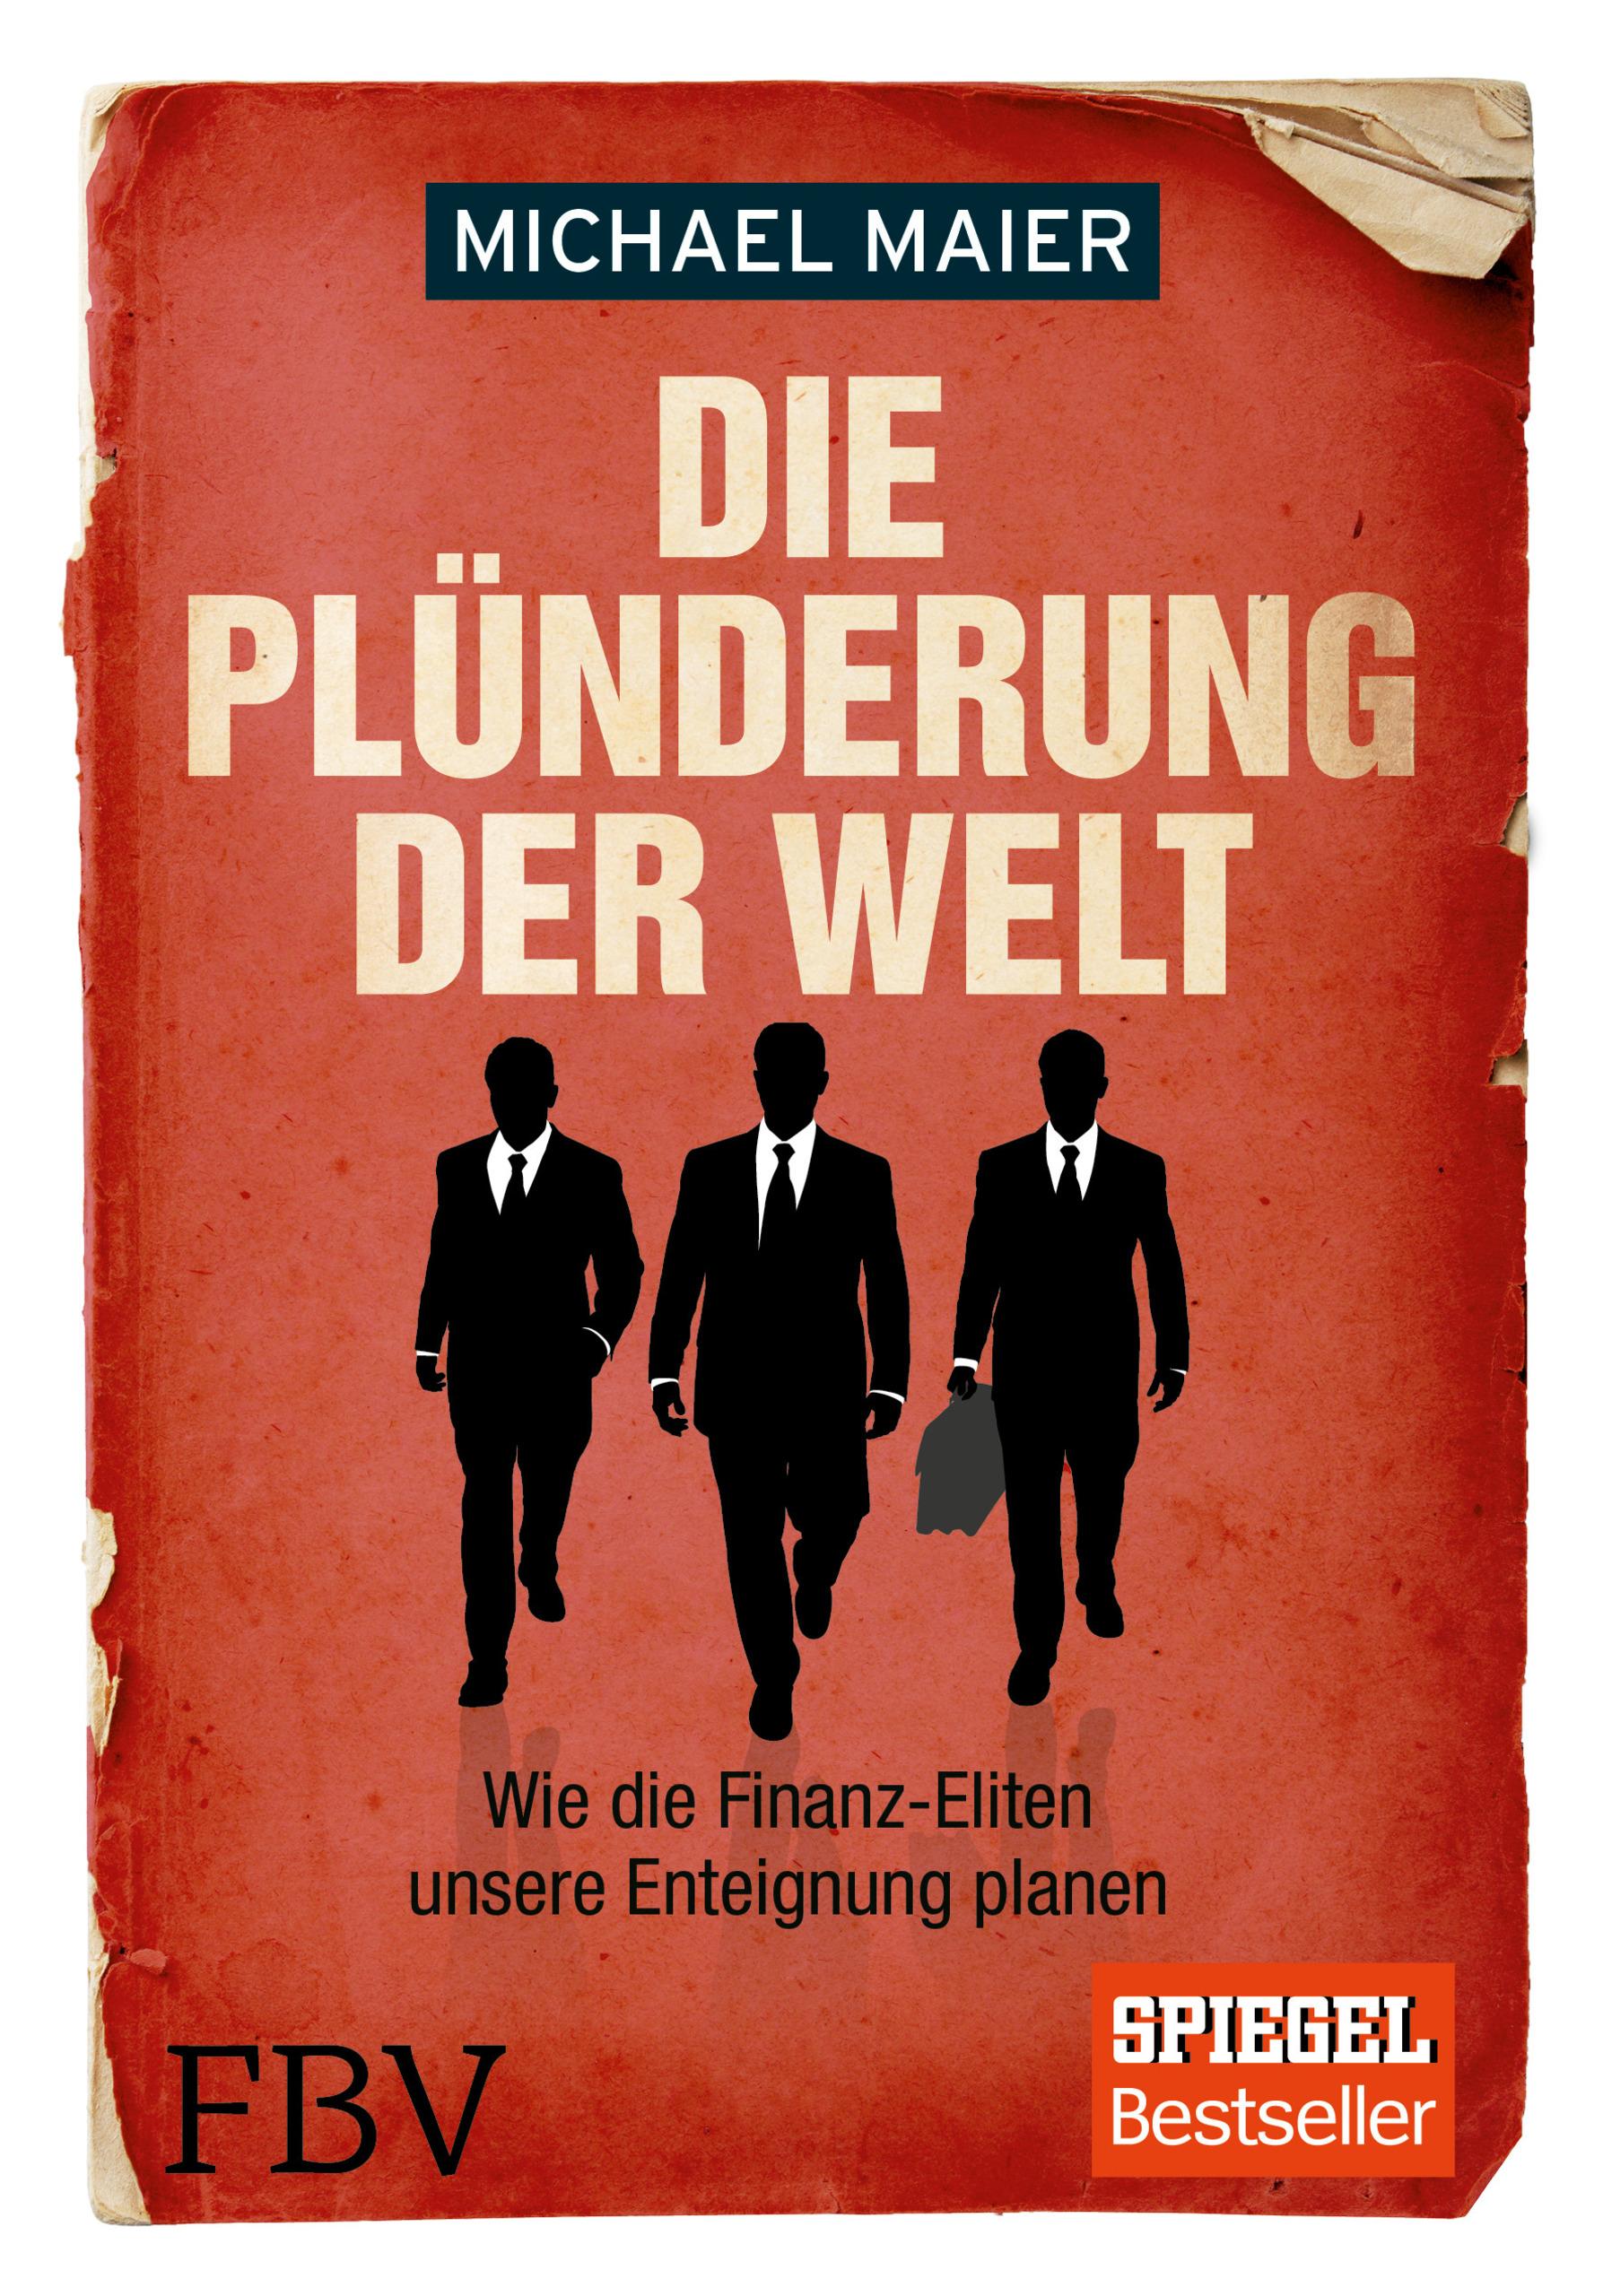 Die Plünderung der Welt: Wie die Finanz-Eliten unsere Enteignung planen - Michael Maier